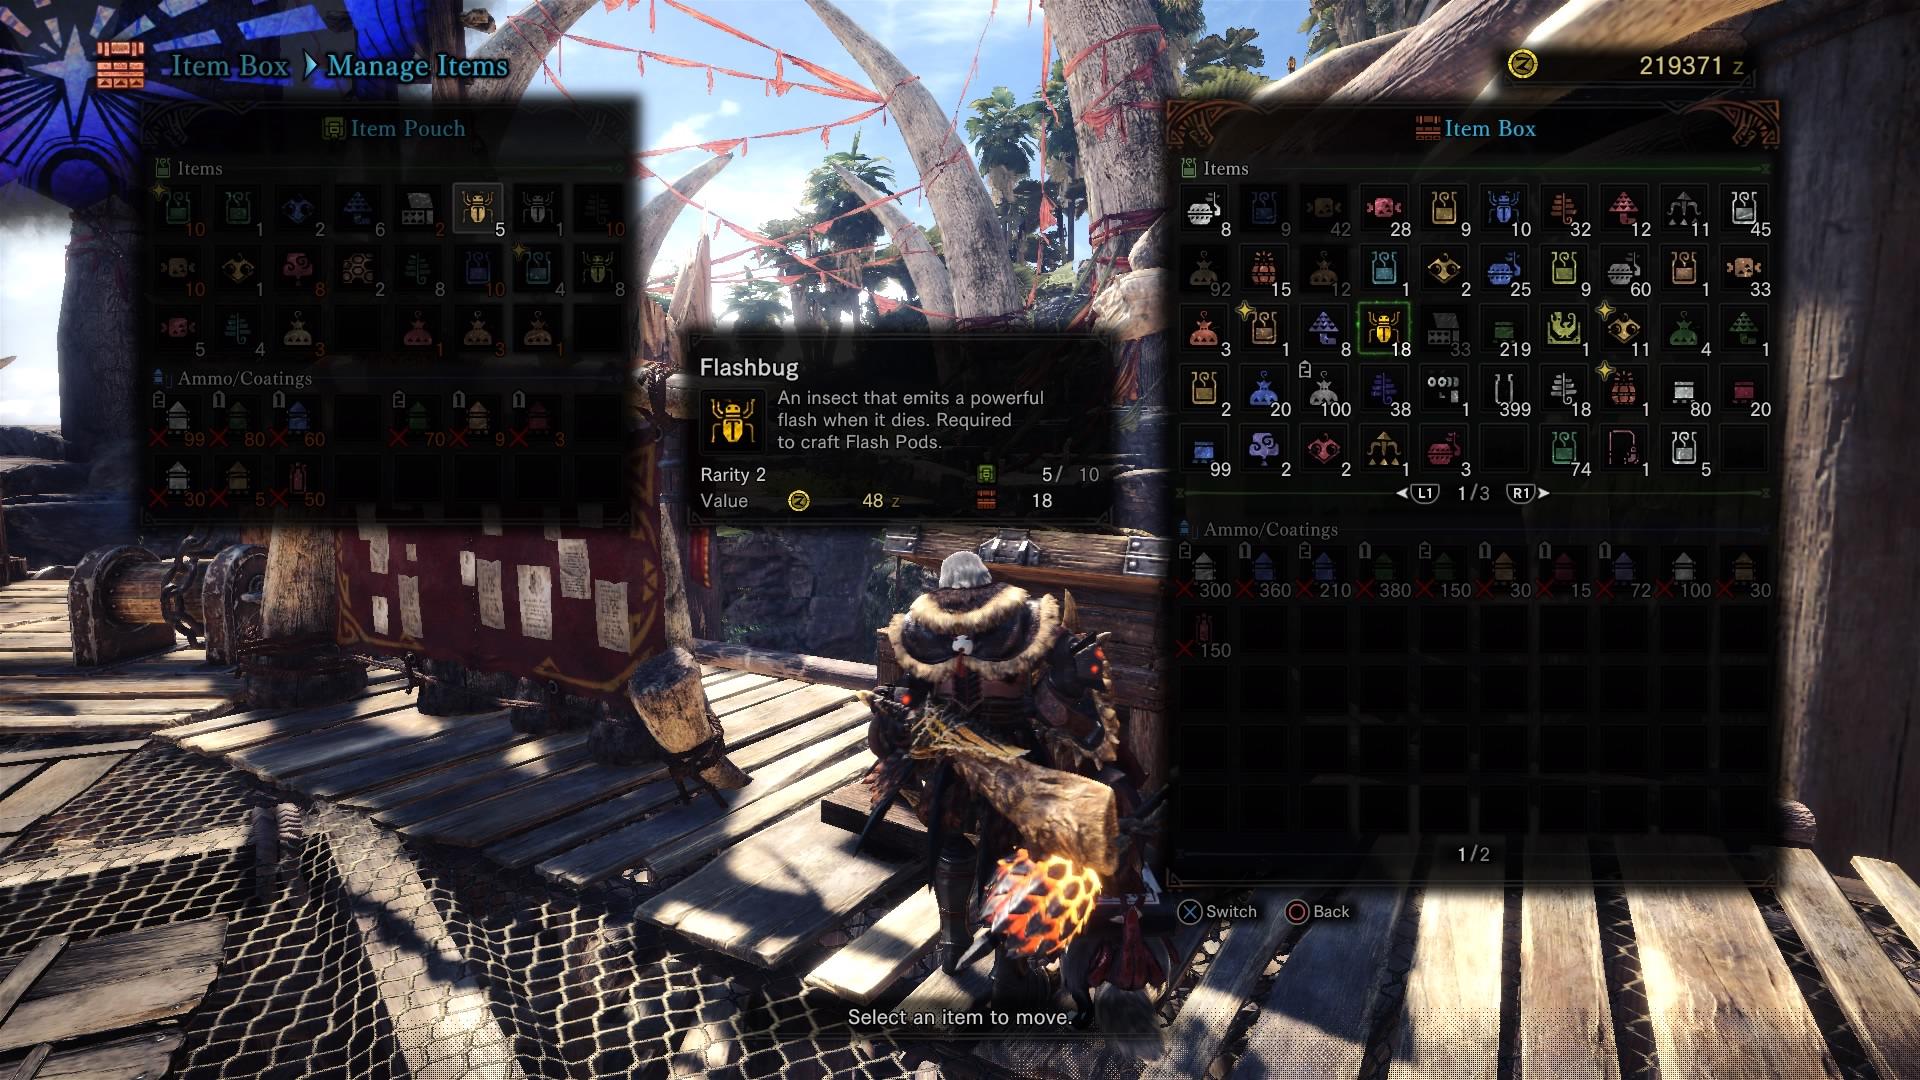 Monster Hunter World - Flashbug